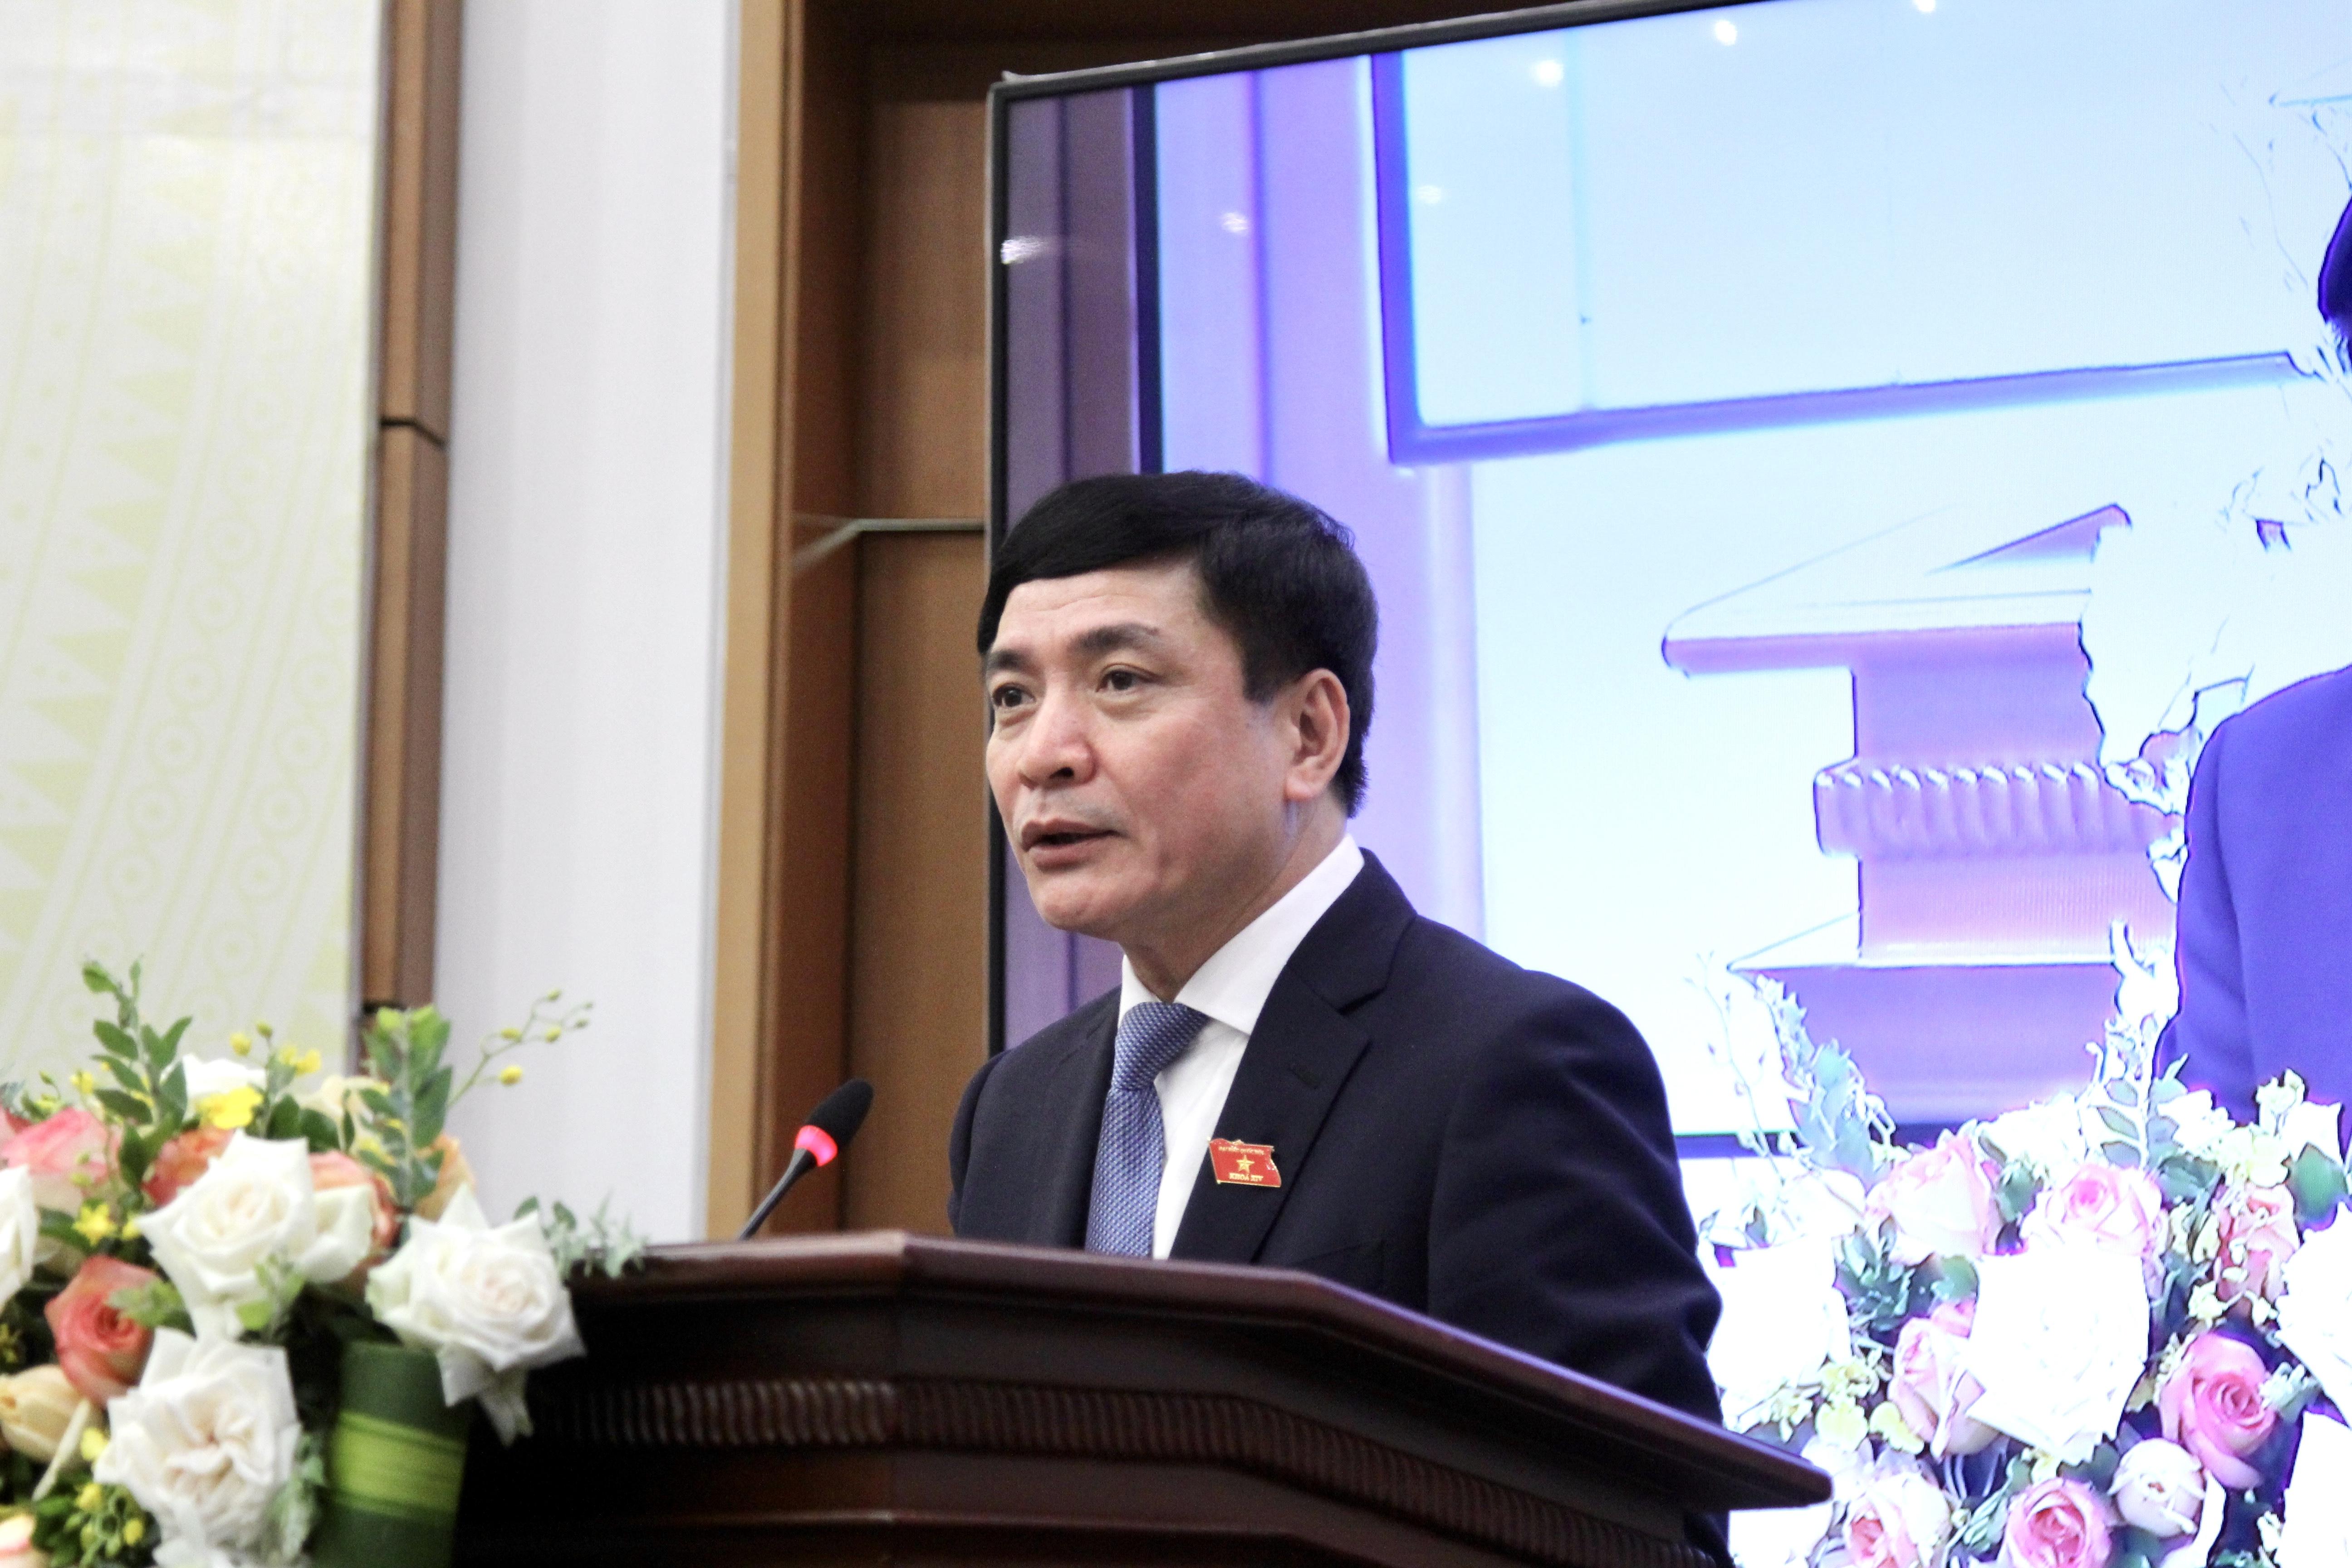 Ông Bùi Văn Cường, ổng Thư ký, Chủ nhiệm Văn phòng Quốc hội, Chánh Văn phòng Hội đồng bầu cử Quốc gia phát biểu tại họp báo